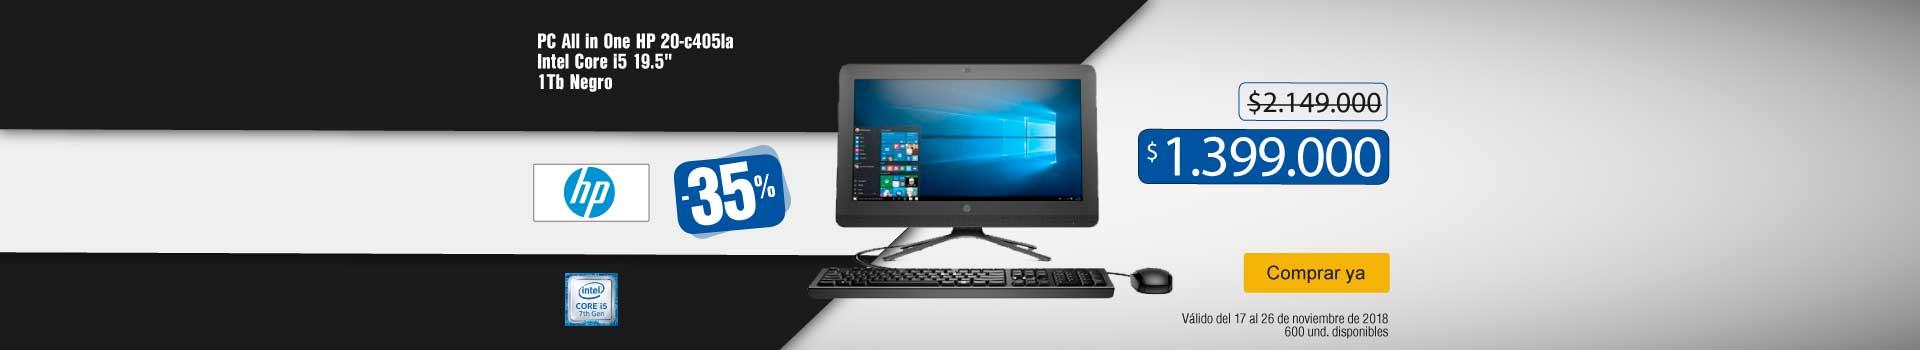 AK-KT-BCAT-4-computadores y tablets-PP---HP-PC All in One 20-c405la-Nov17